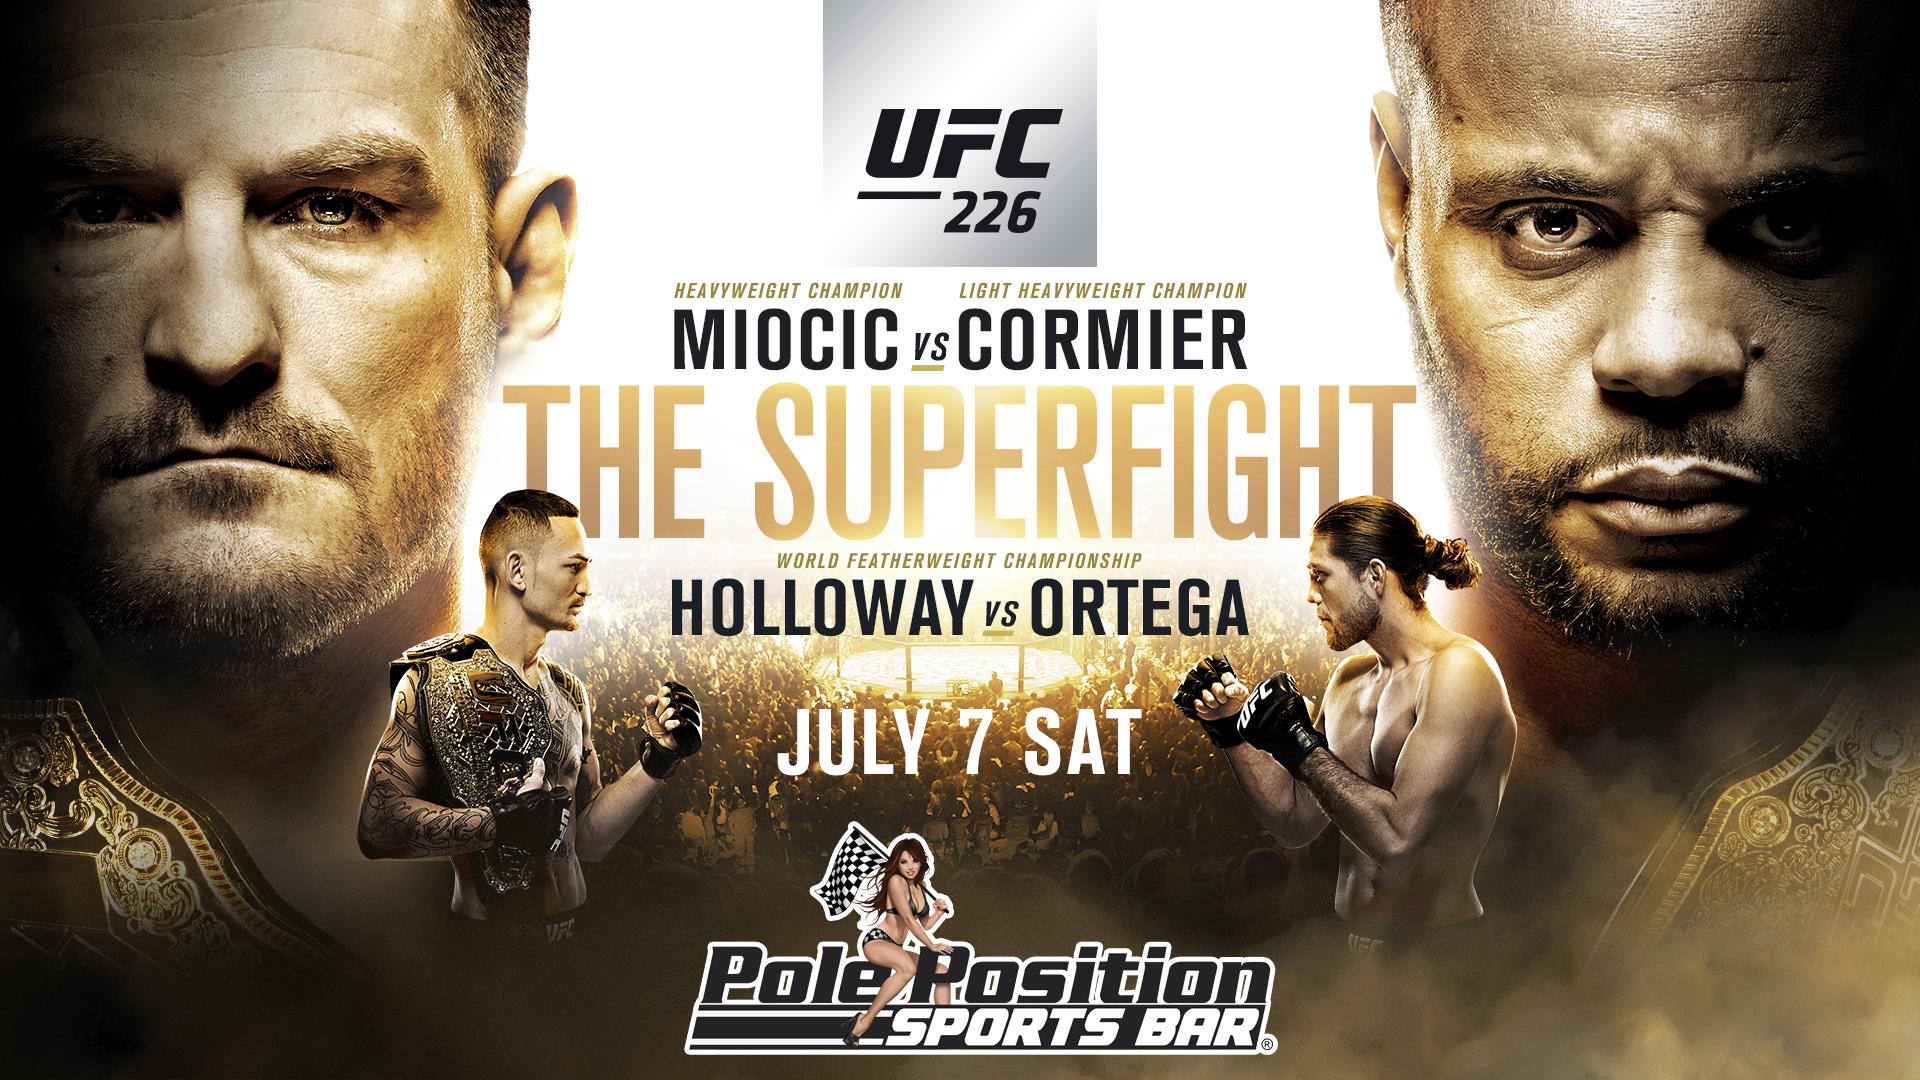 UFC 226 Miocic Vs Cormier   Pole Position Sports Bar 1920x1080